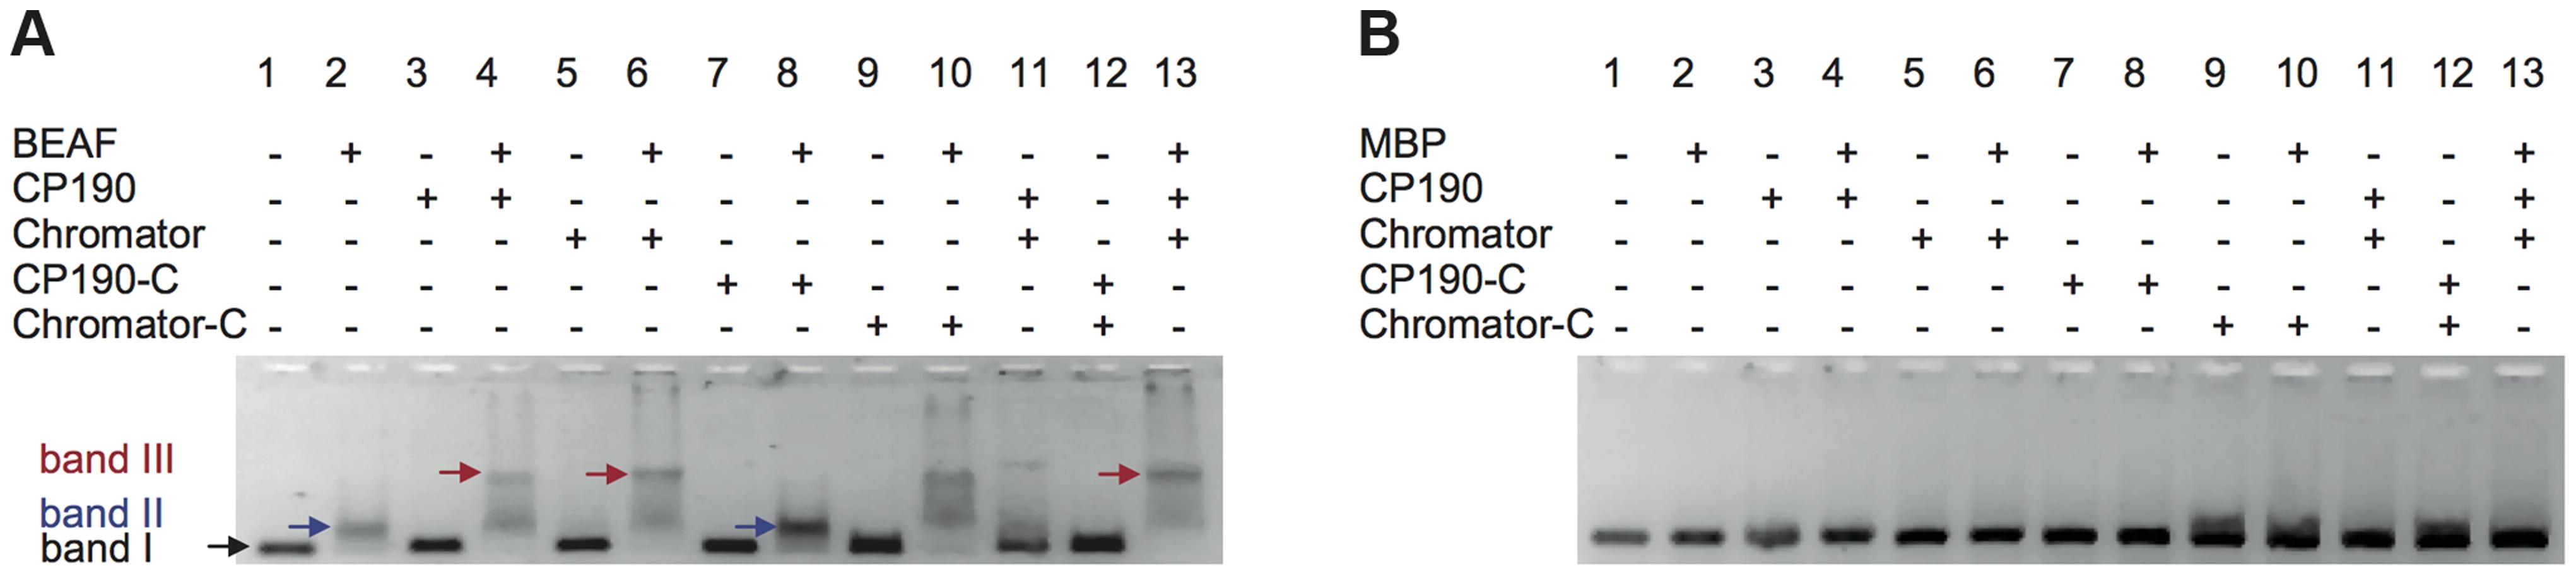 Insulator factors interact upon DNA binding.